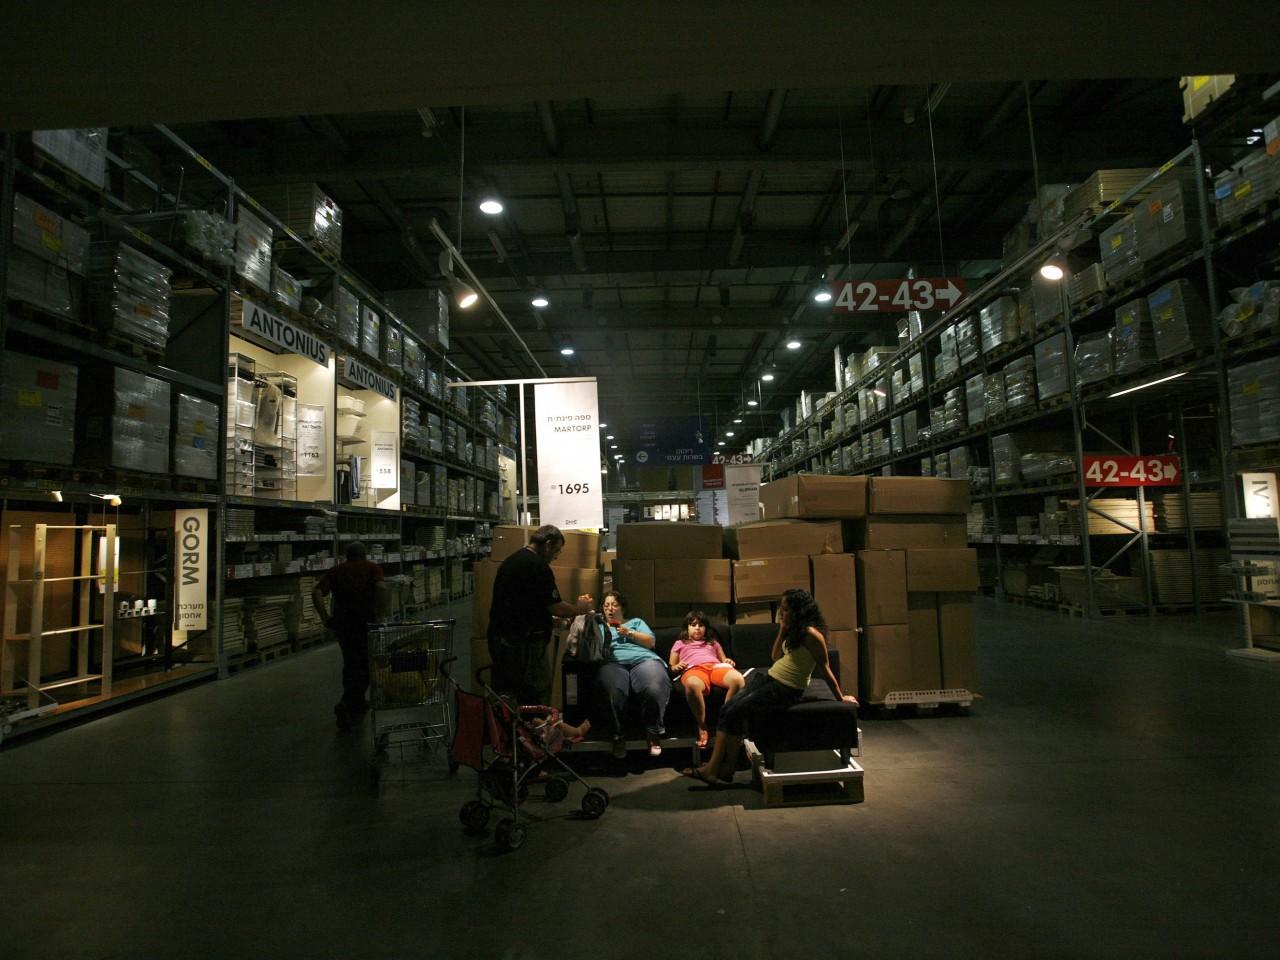 Ikea Inside Inside the ikea police state